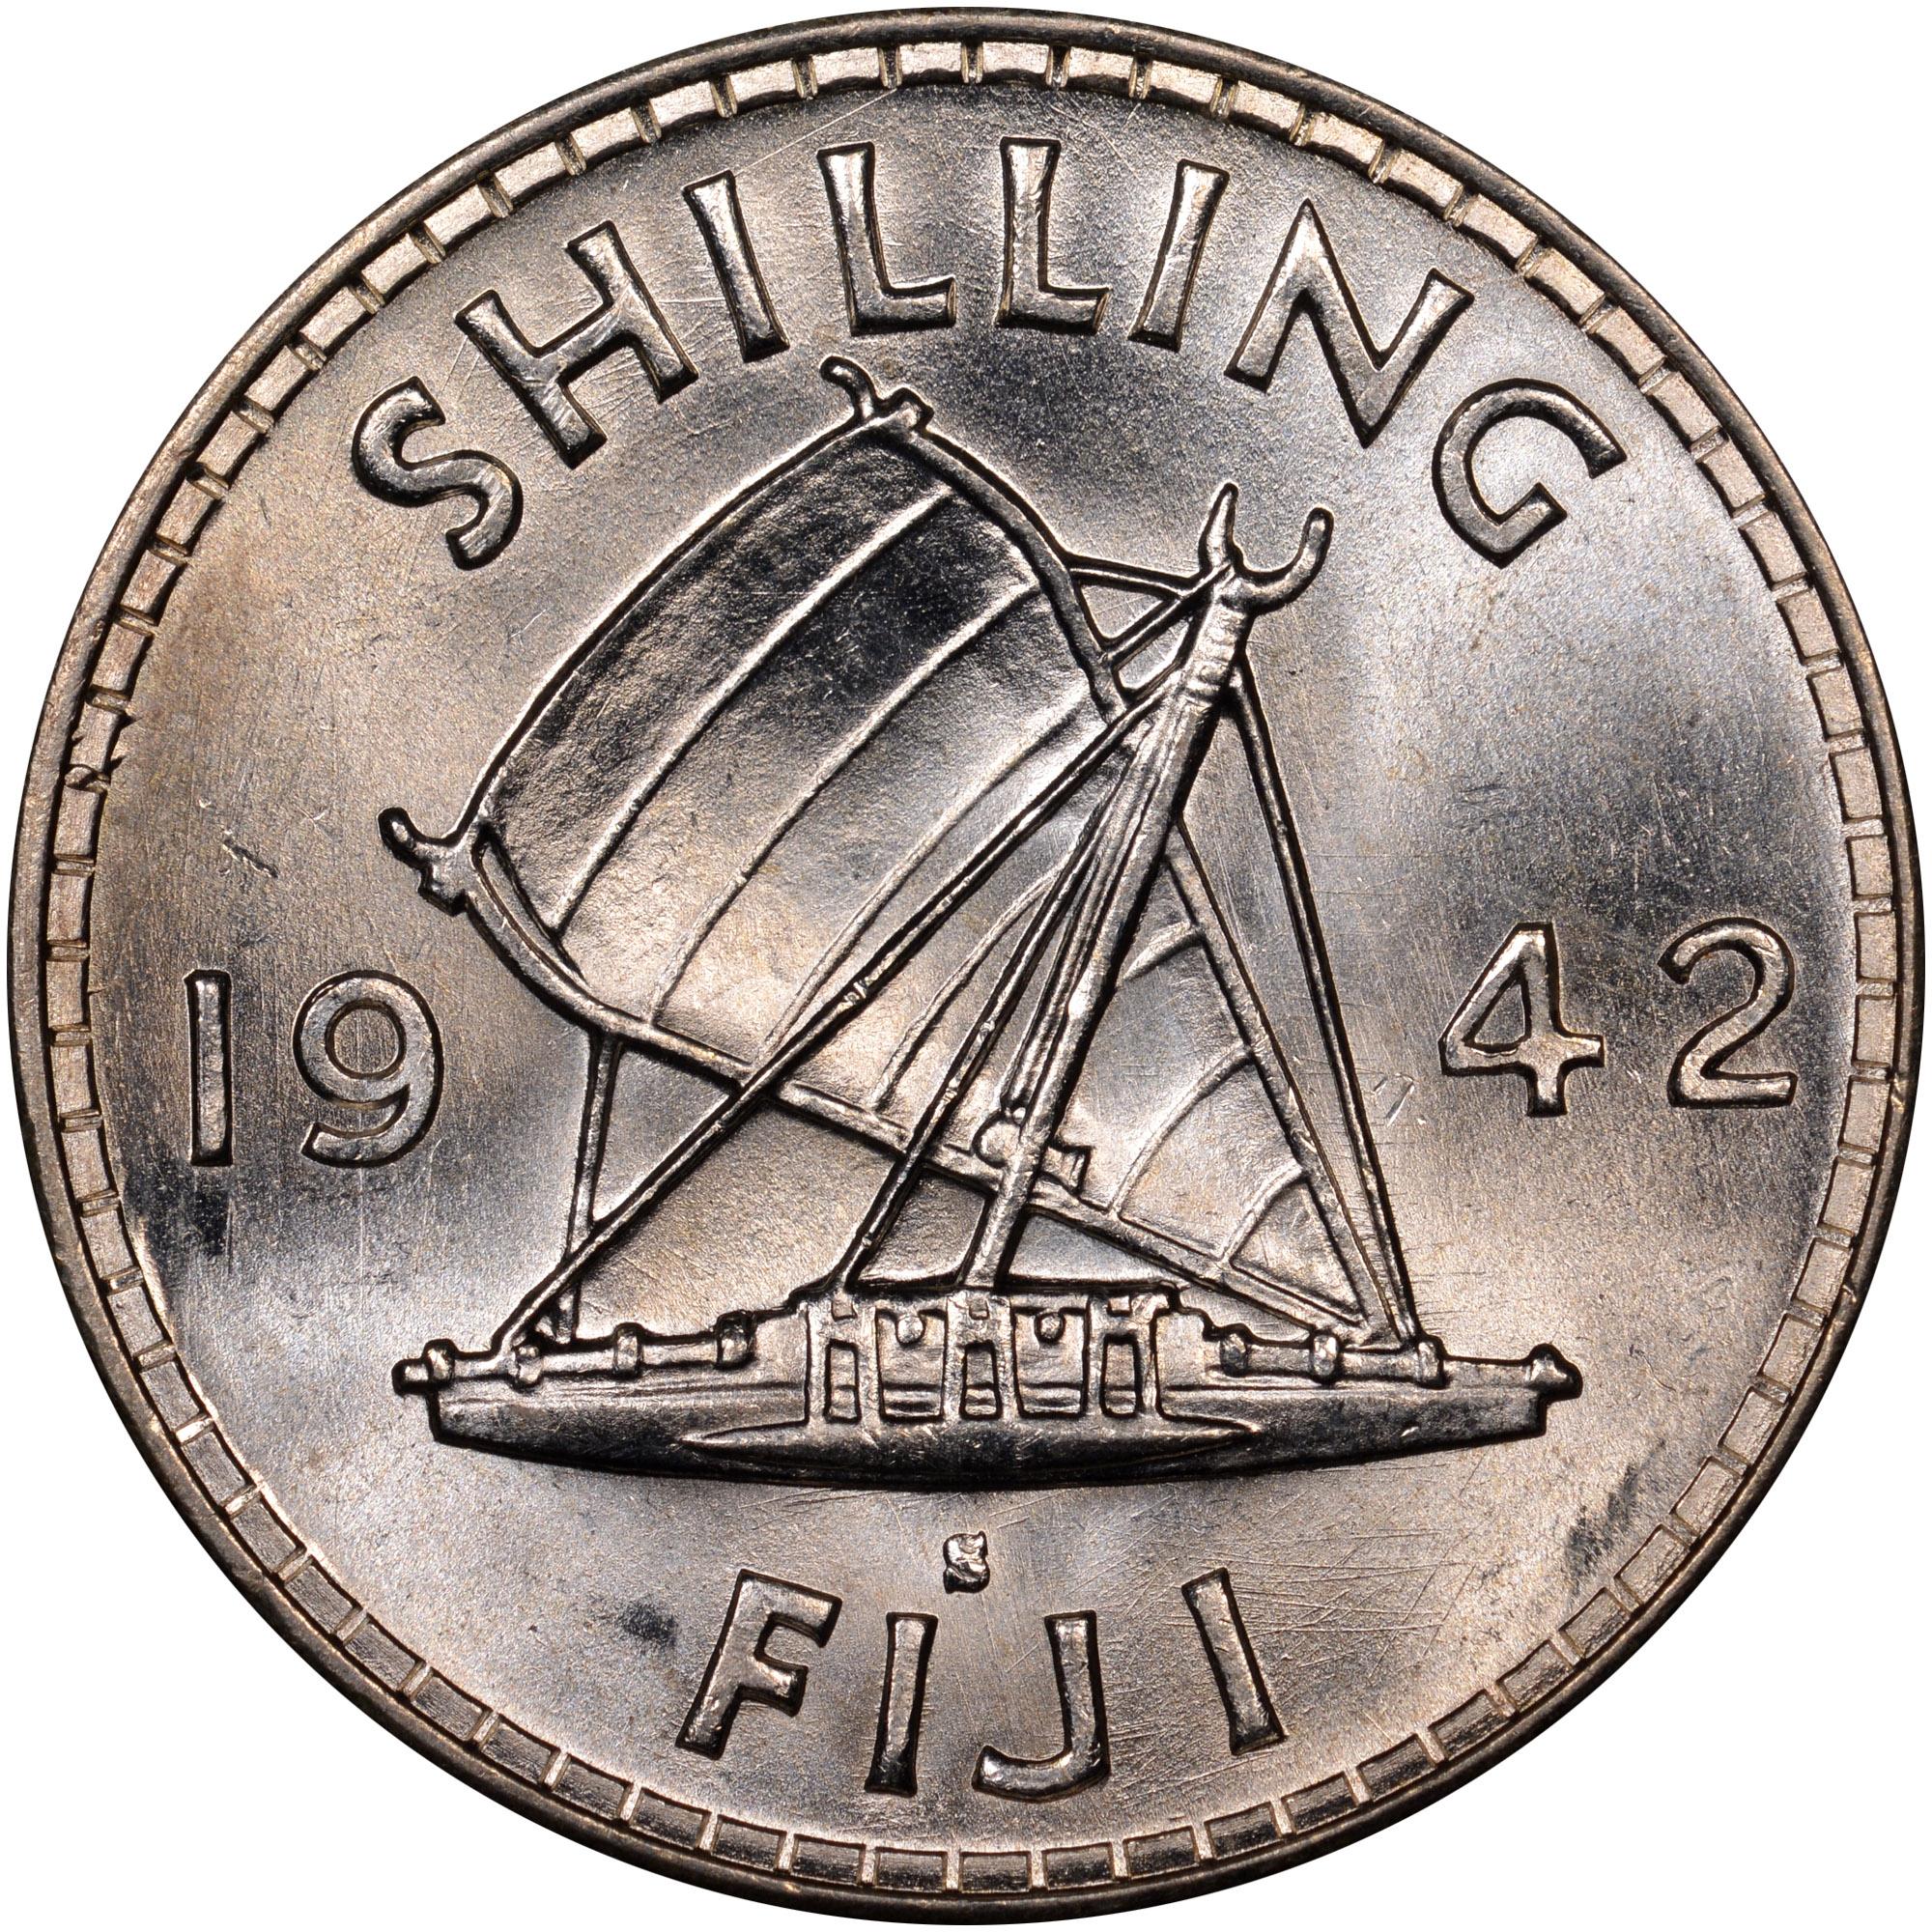 1942-1943 Fiji Shilling reverse